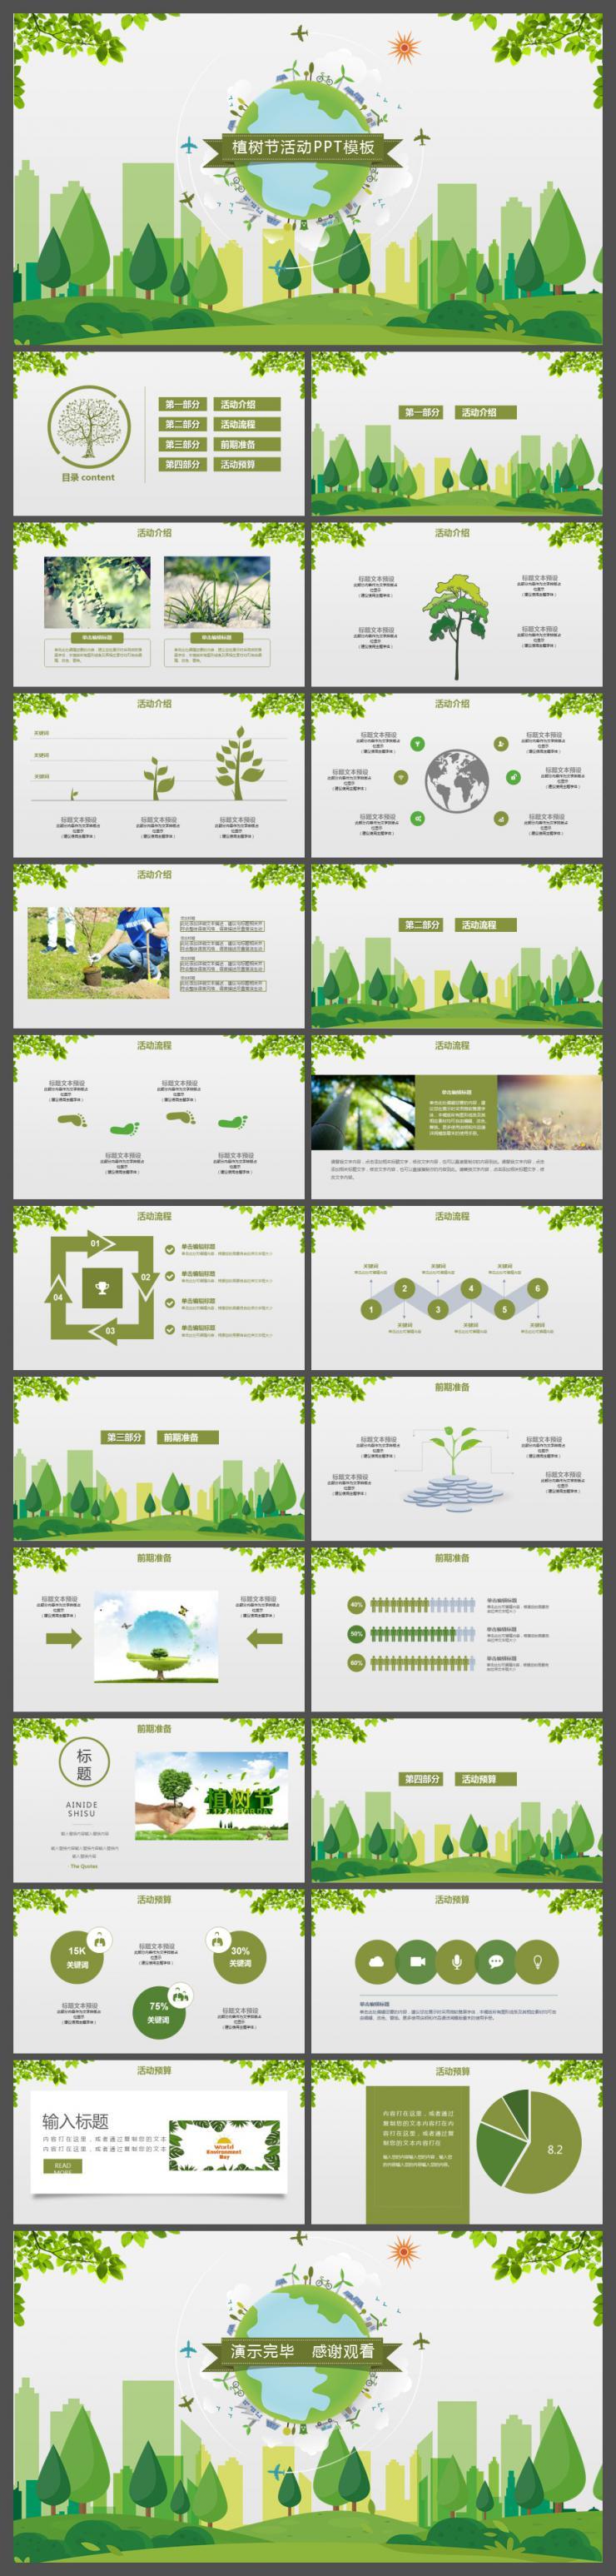 绿色清新风植树节活动组织策划PPT模板